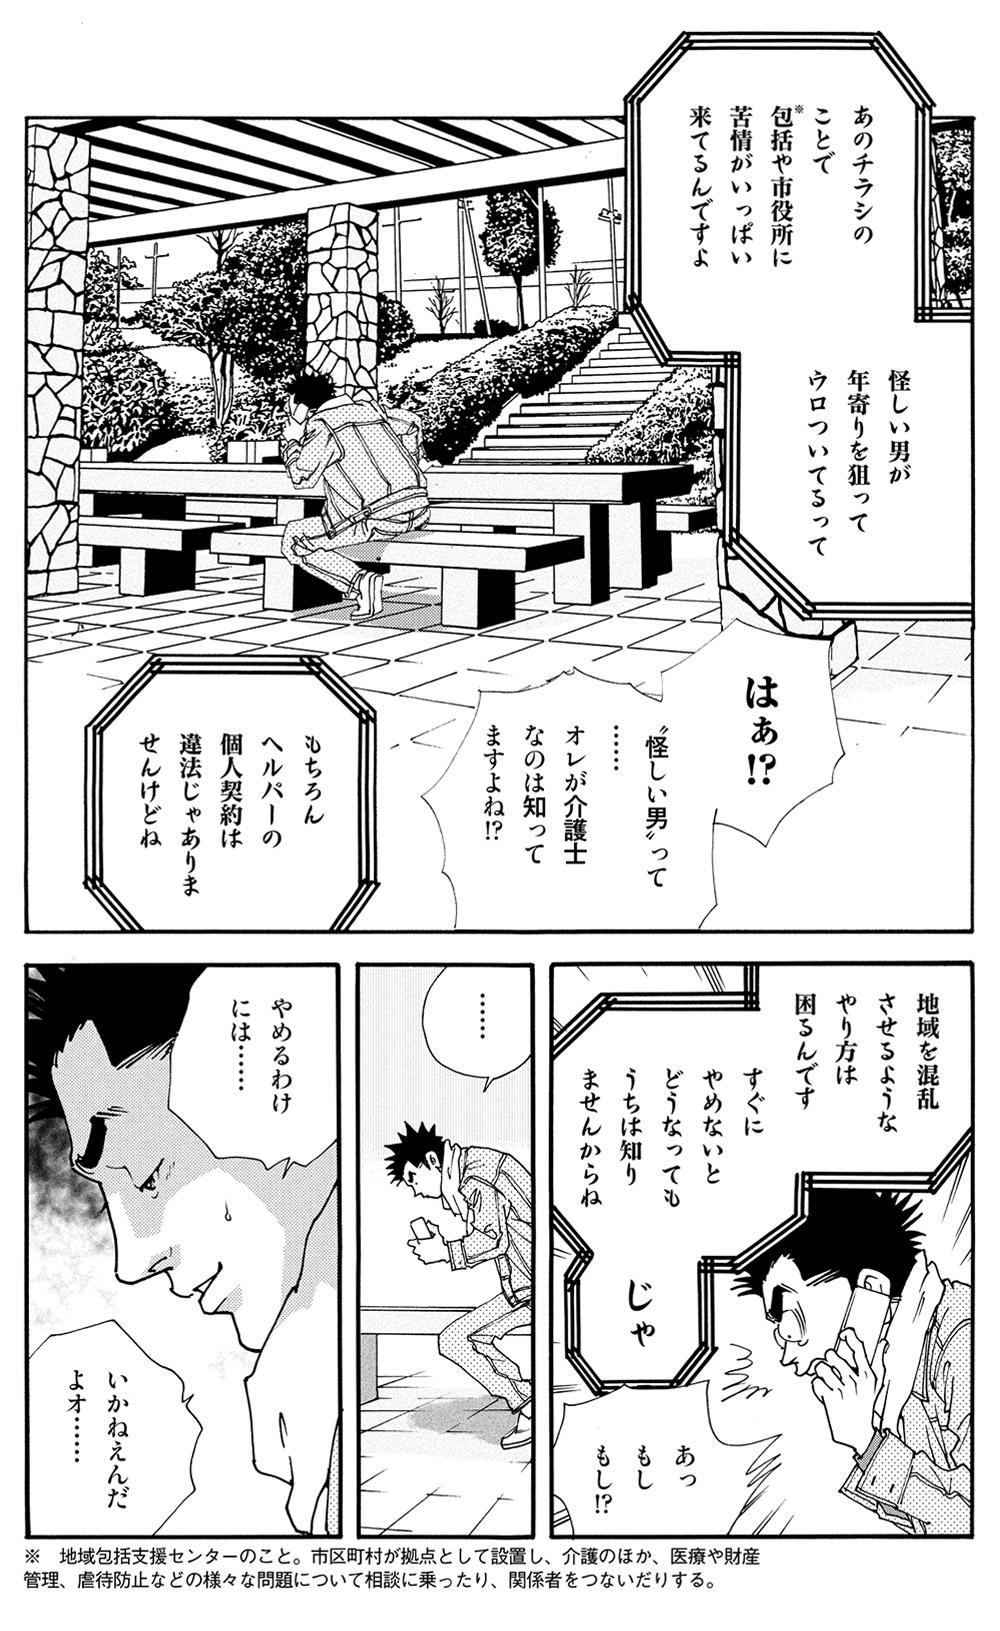 ヘルプマン!! 第3話「怪しい男」helpman03-08.jpg